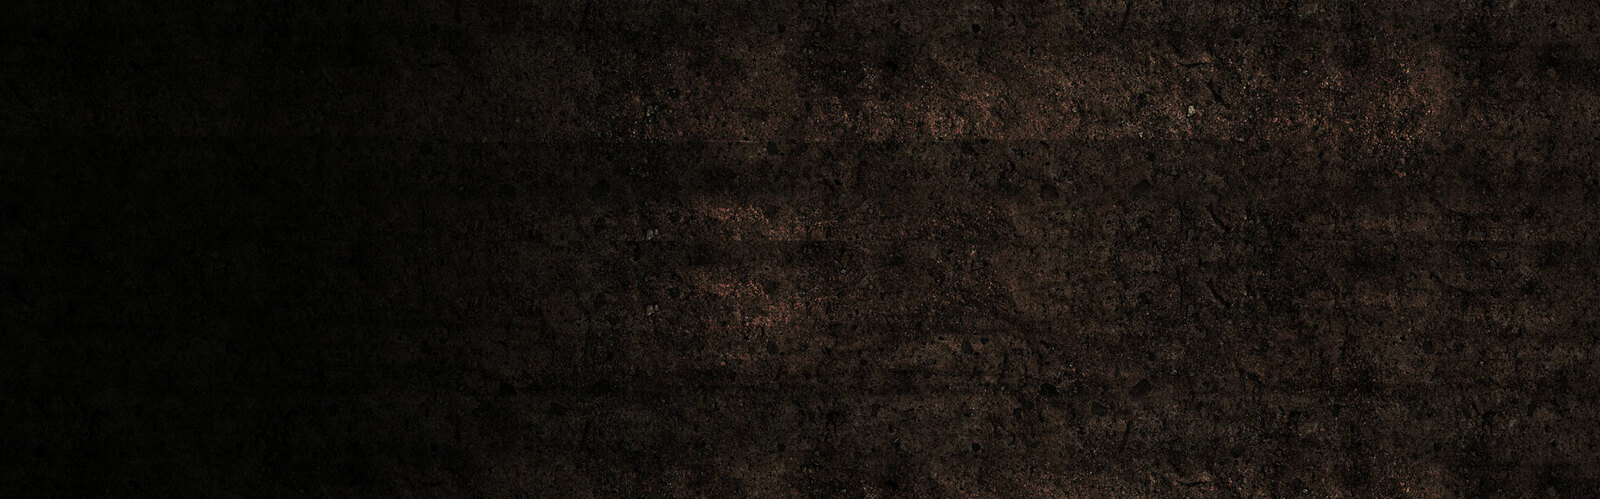 darkBG